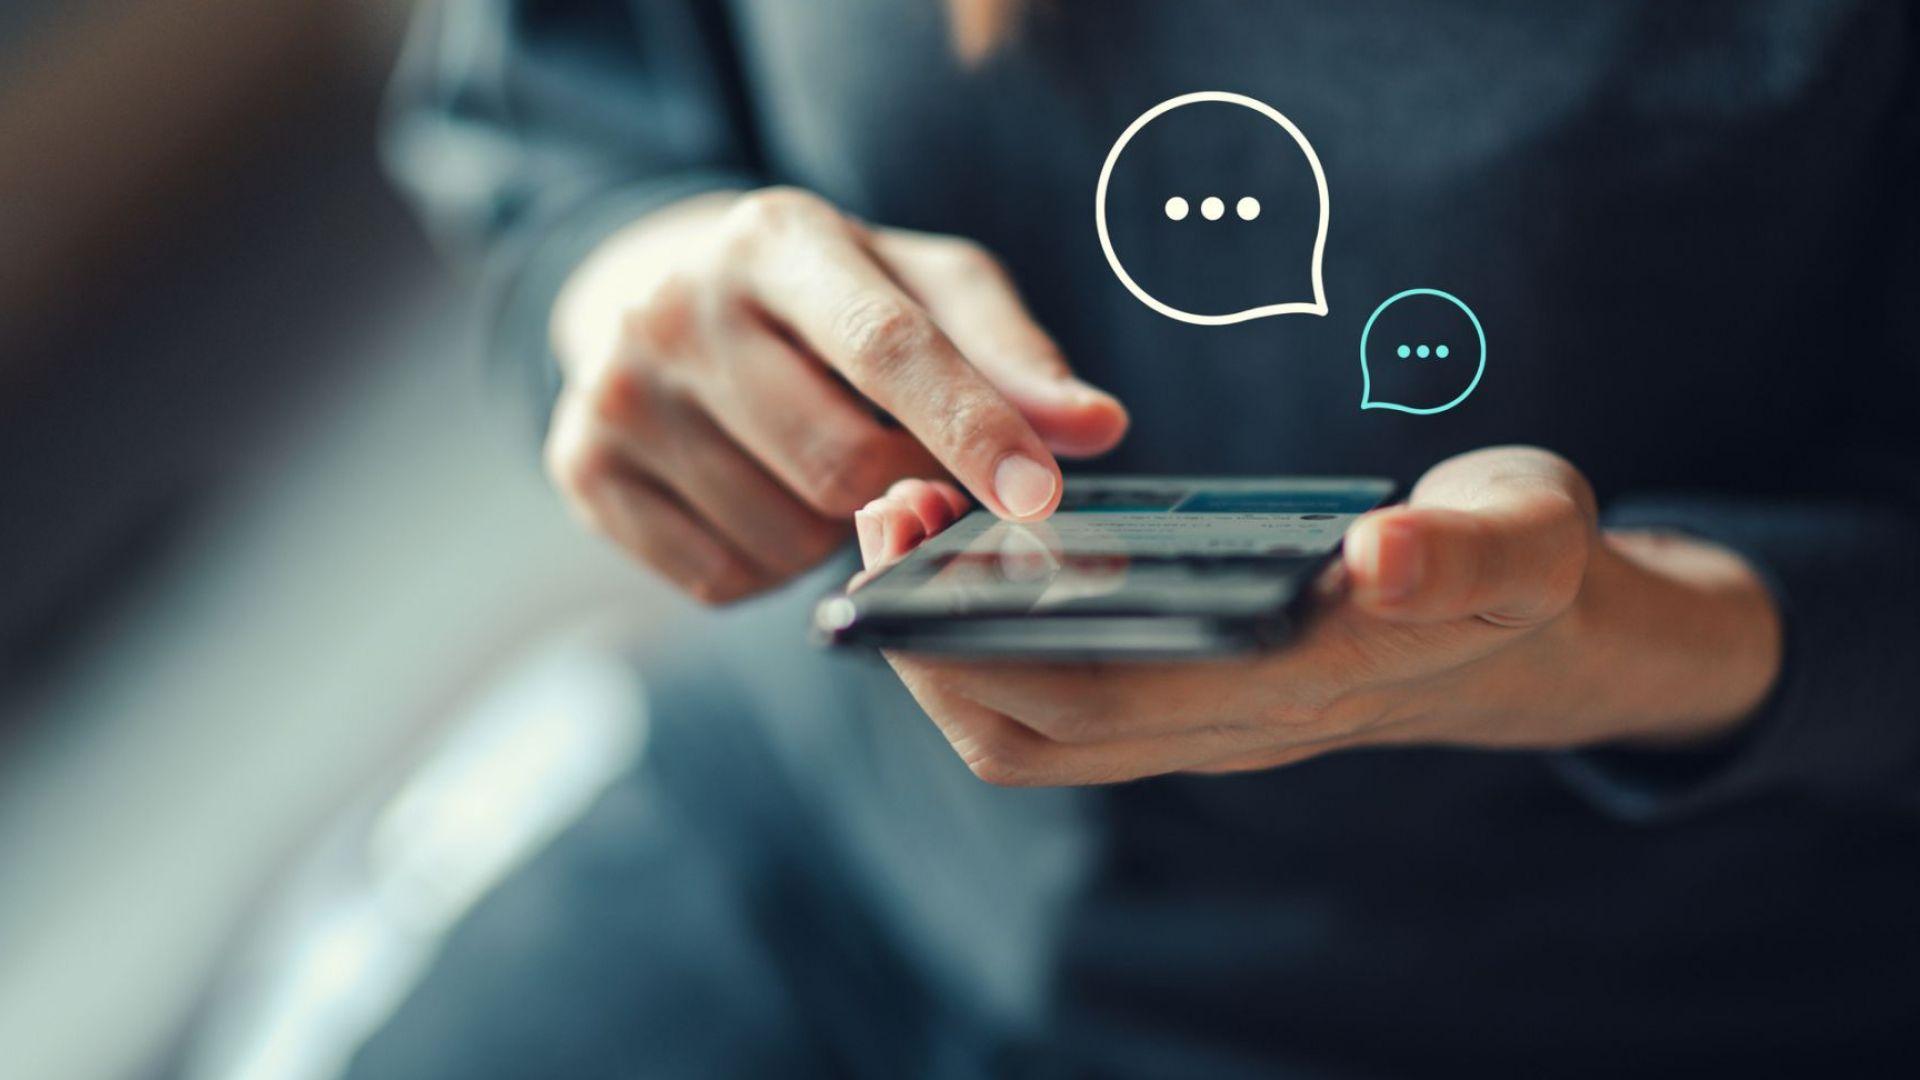 Обратната връзка има значение: с два отговора на SMS подобряваме мобилните услуги